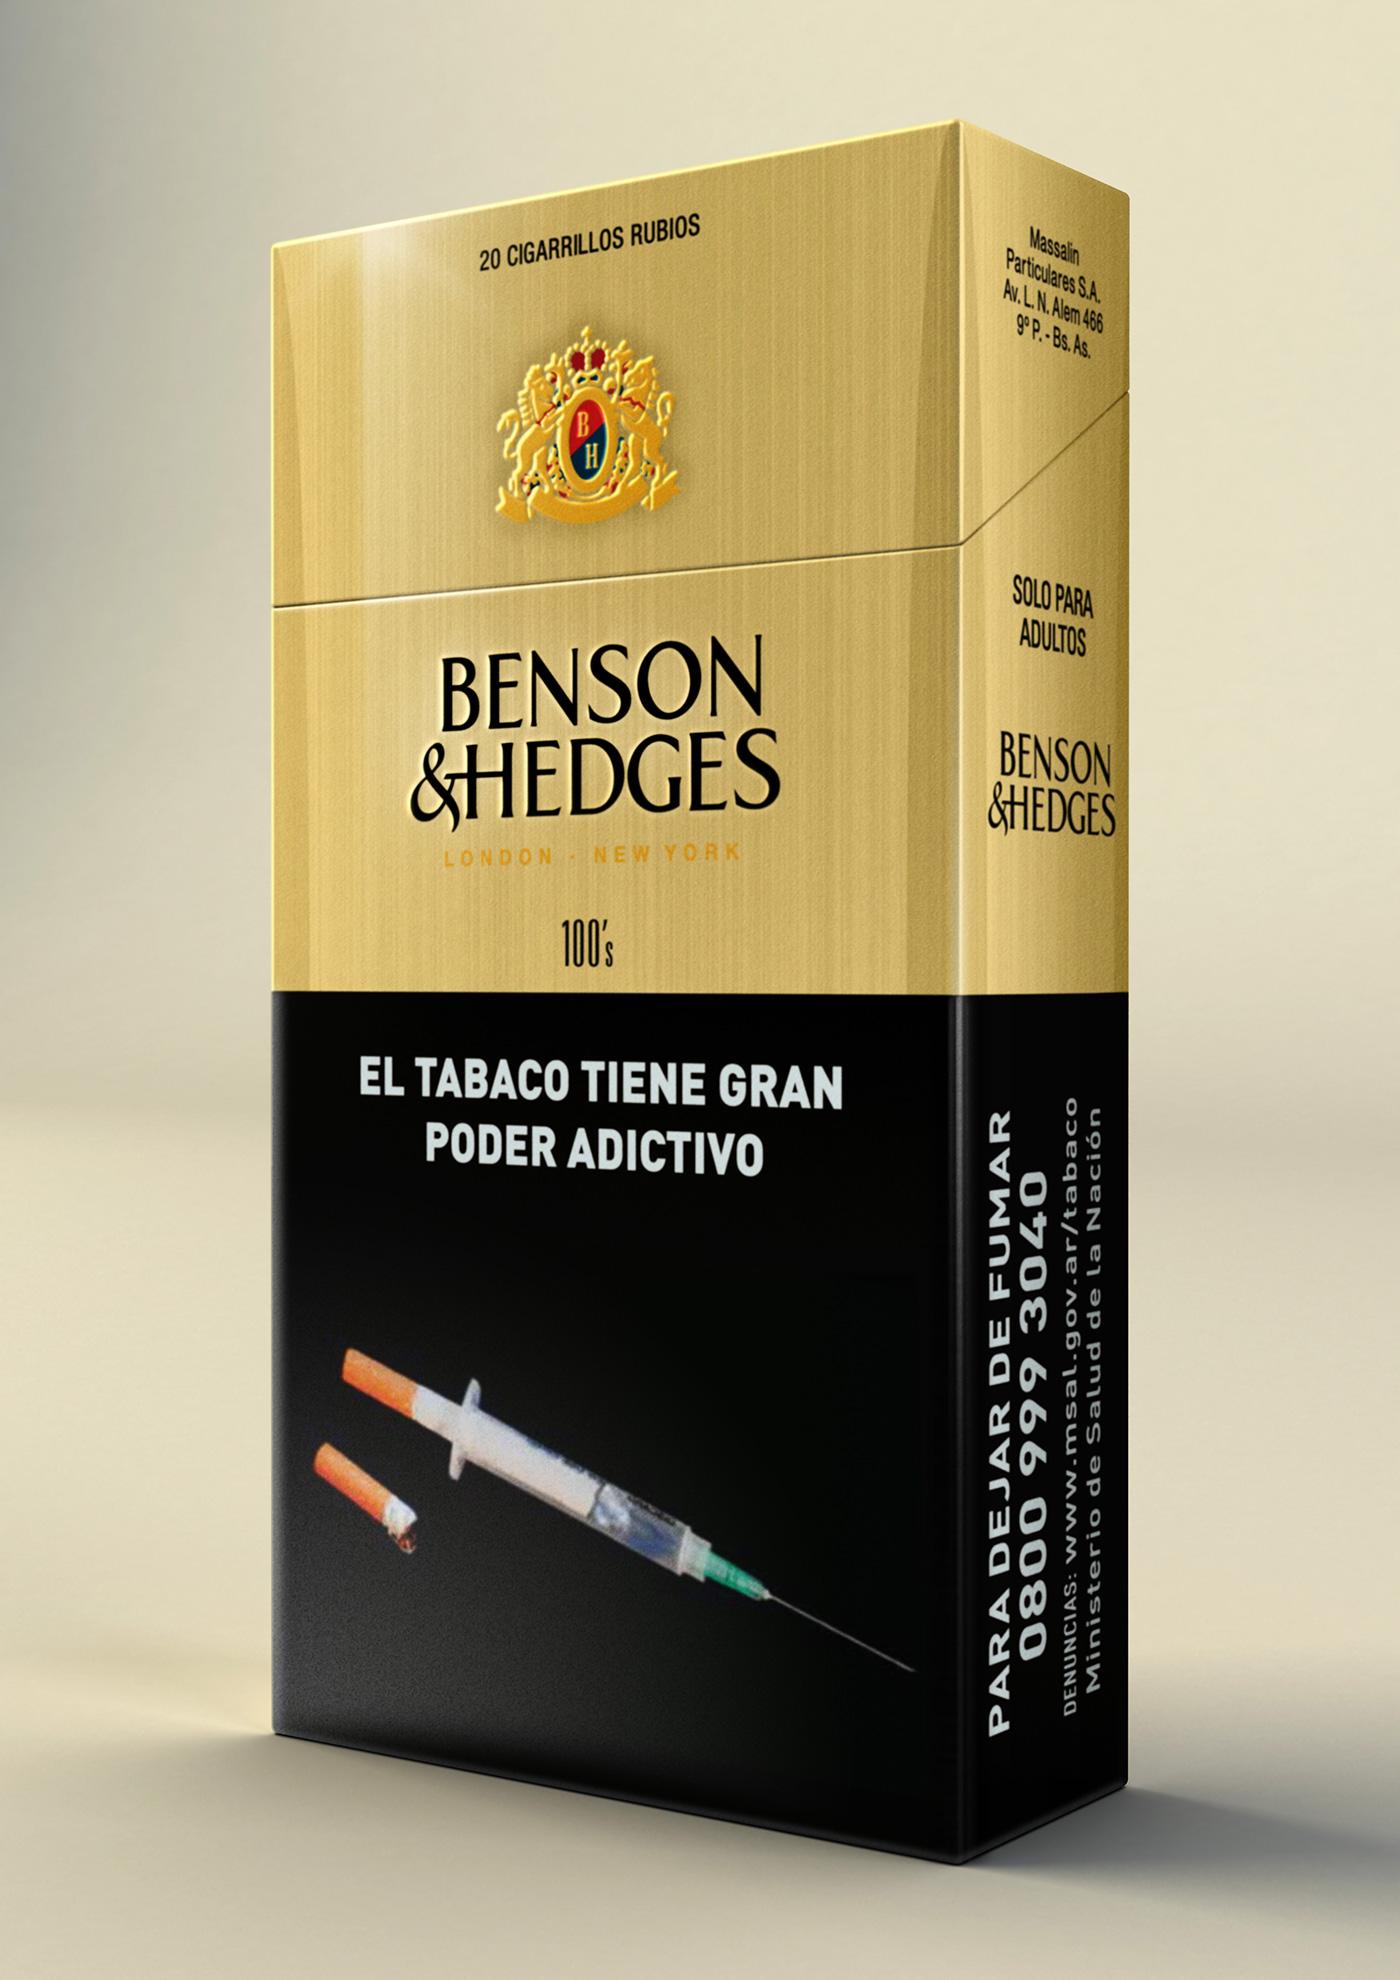 Cliente: Benson   Agencia: La Despensa